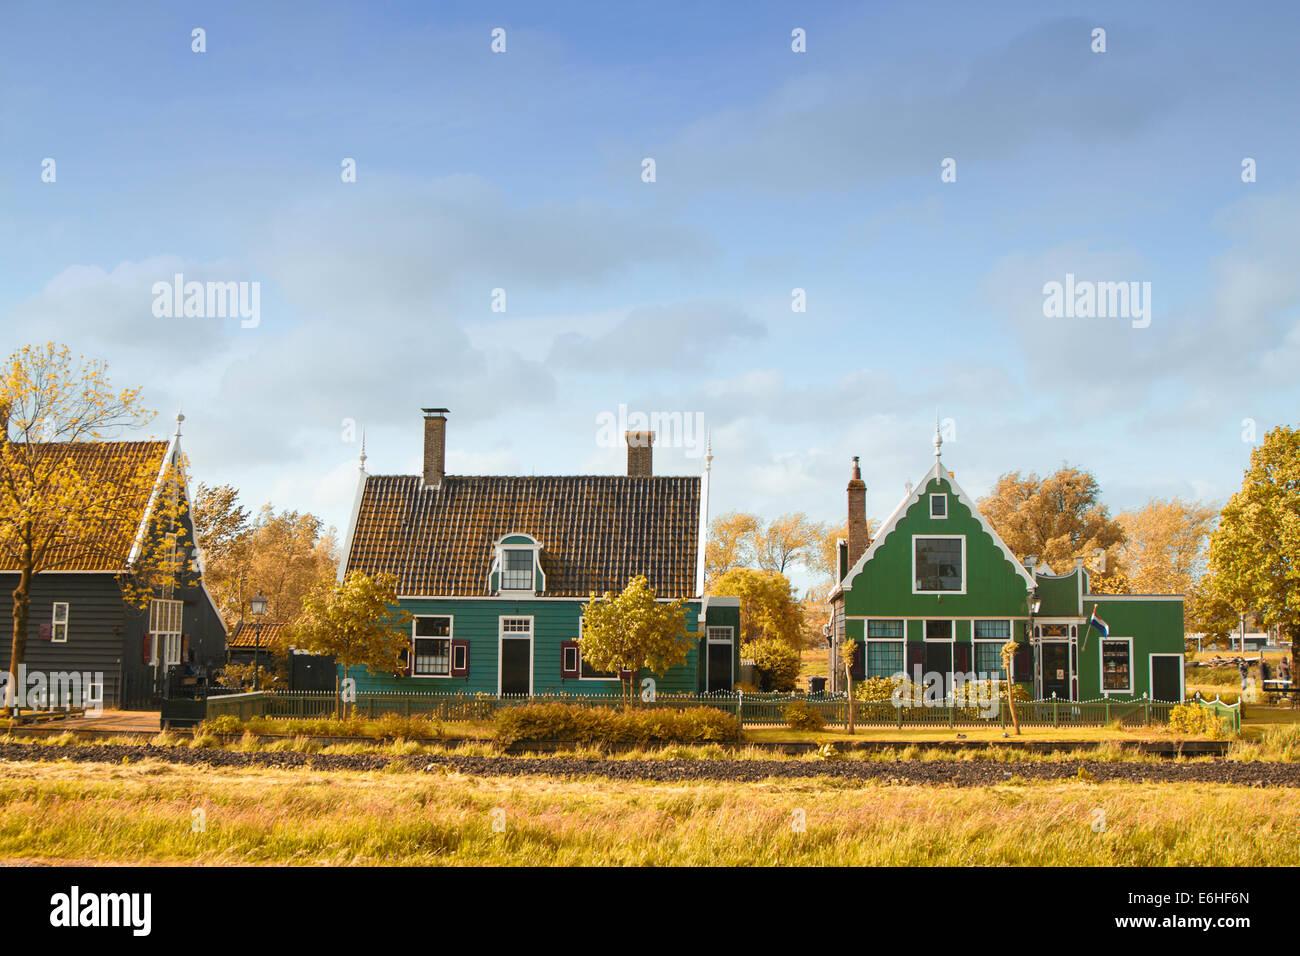 niederl ndische landschaft von kleinen h usern und alten kanal in zaanse niederlande stockfoto. Black Bedroom Furniture Sets. Home Design Ideas